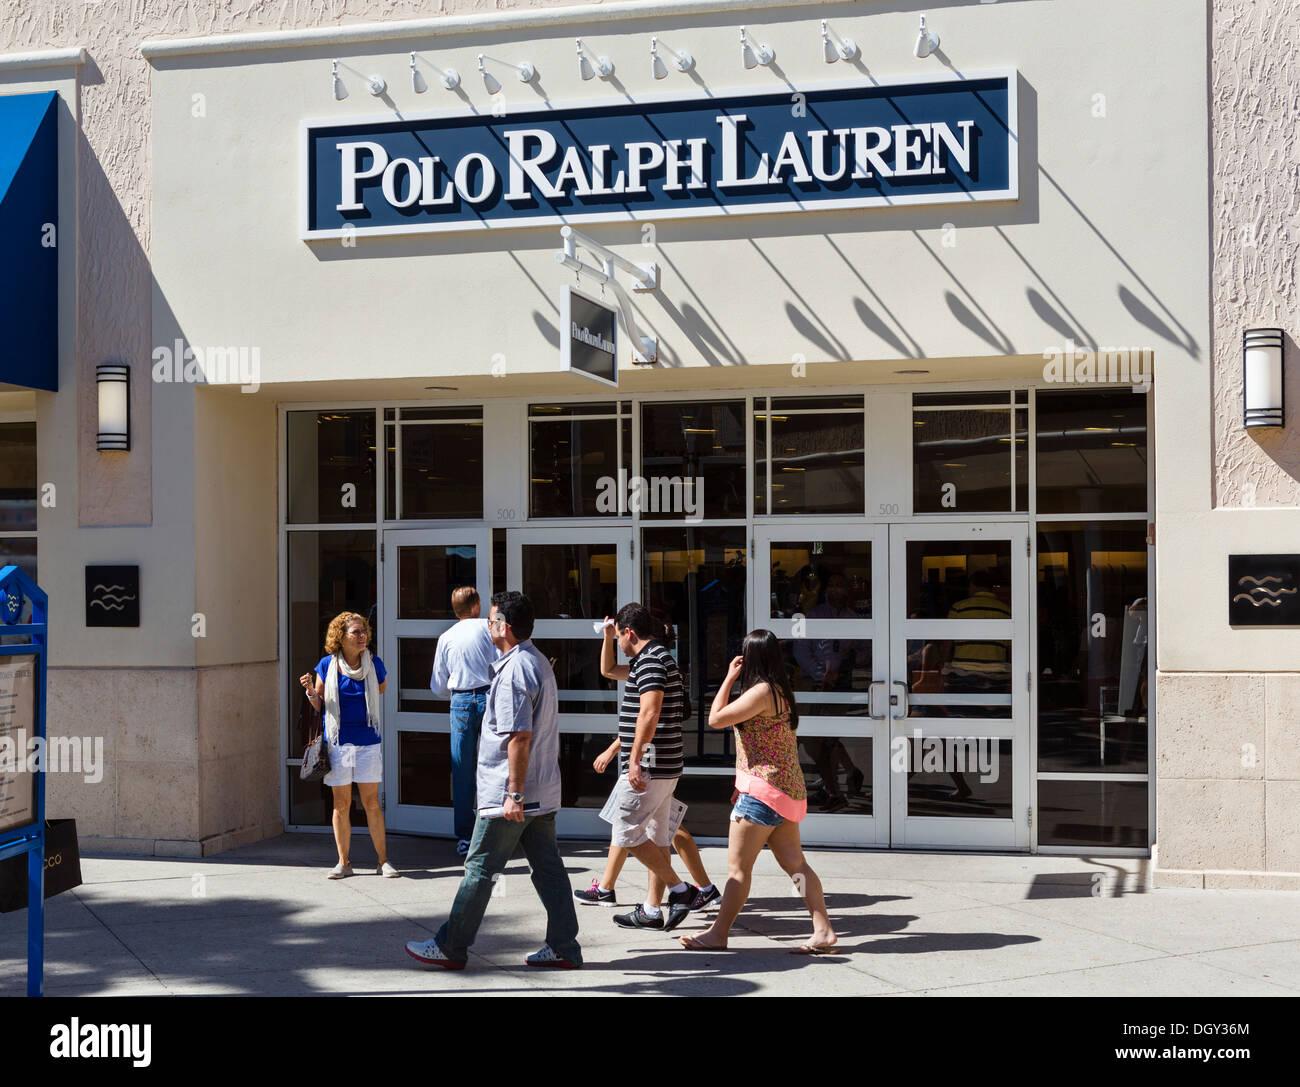 c50568a2582e2b Polo Ralph Lauren outlet store at Orlando Premium Outlets Mall, Vineland  Avenue, Lake Buena Vista, Orlando, Central Florida, USA